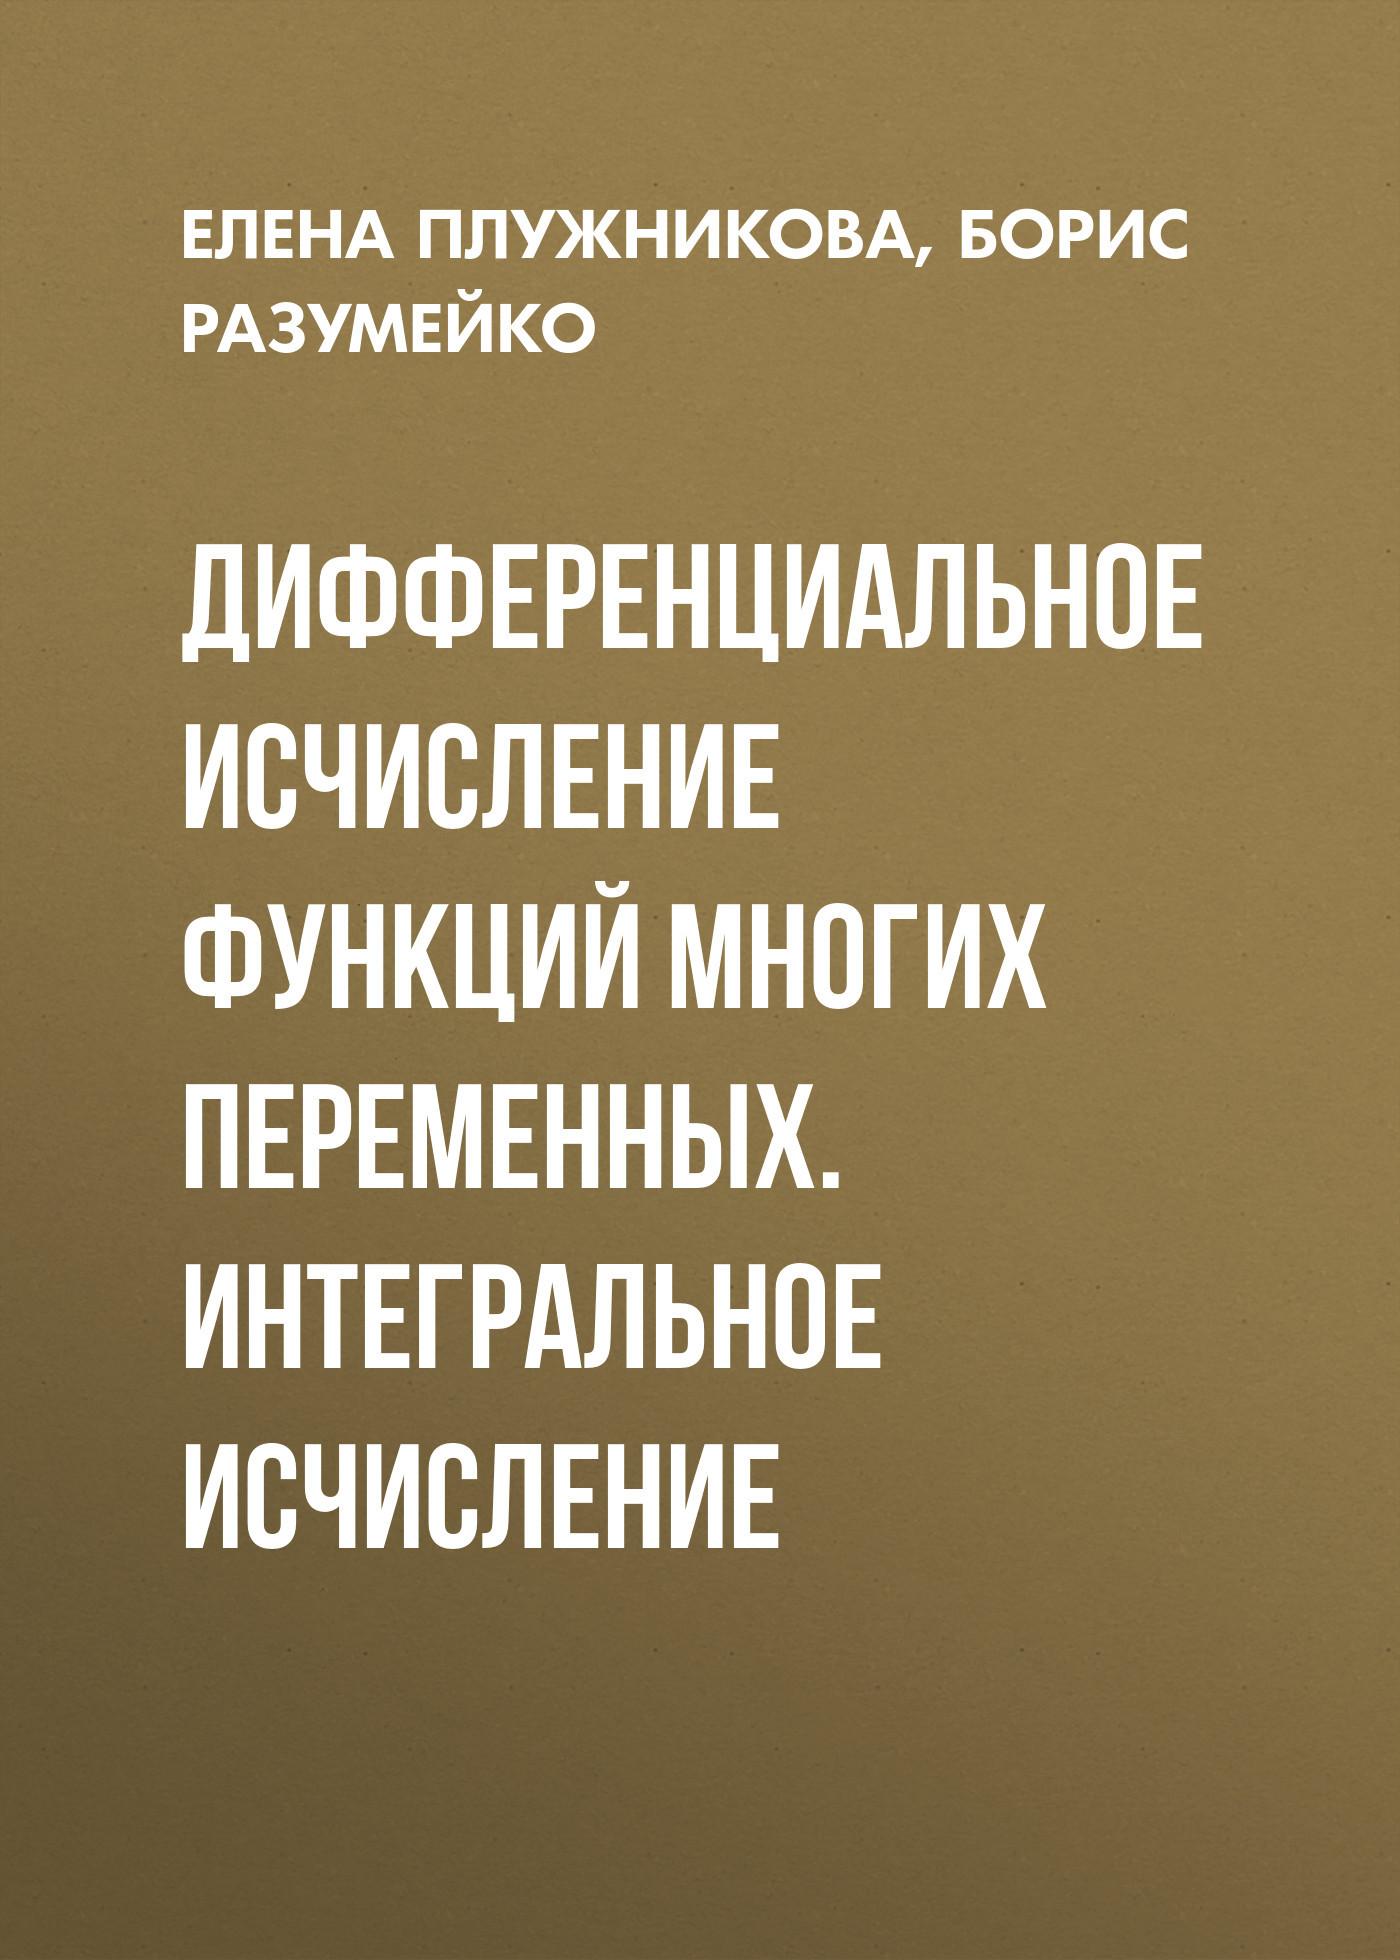 Елена Плужникова Дифференциальное исчисление функций многих переменных. Интегральное исчисление елена плужникова дифференциальное исчисление функций многих переменных